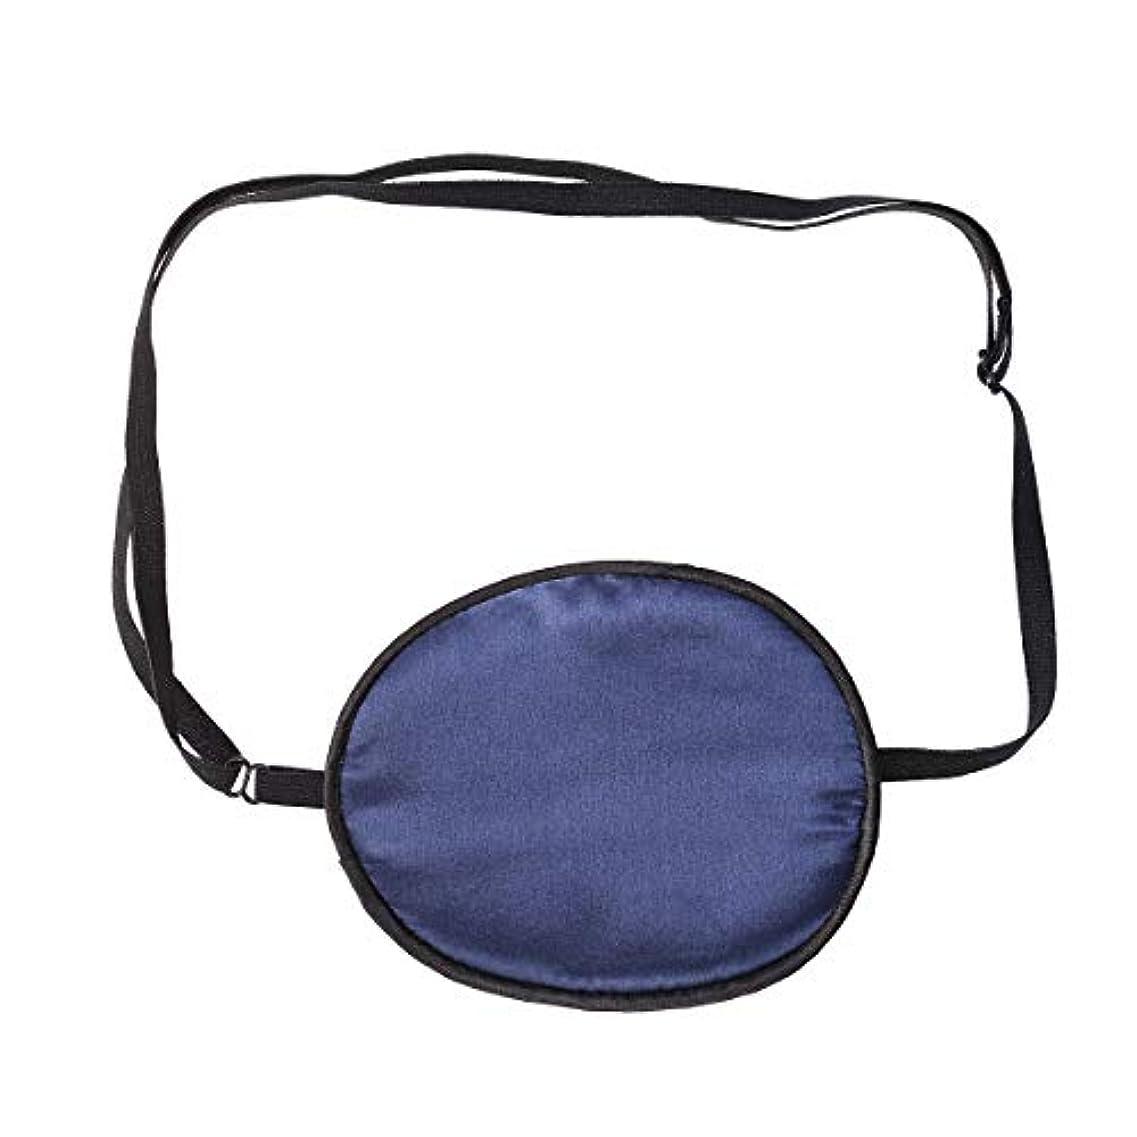 ベーコンバイオリン解説SUPVOX シルクアイパッチソフトで心地良い弾力のあるアイパッチ大人のための漏れのない滑らかな目の失明斜視(ネイビー)